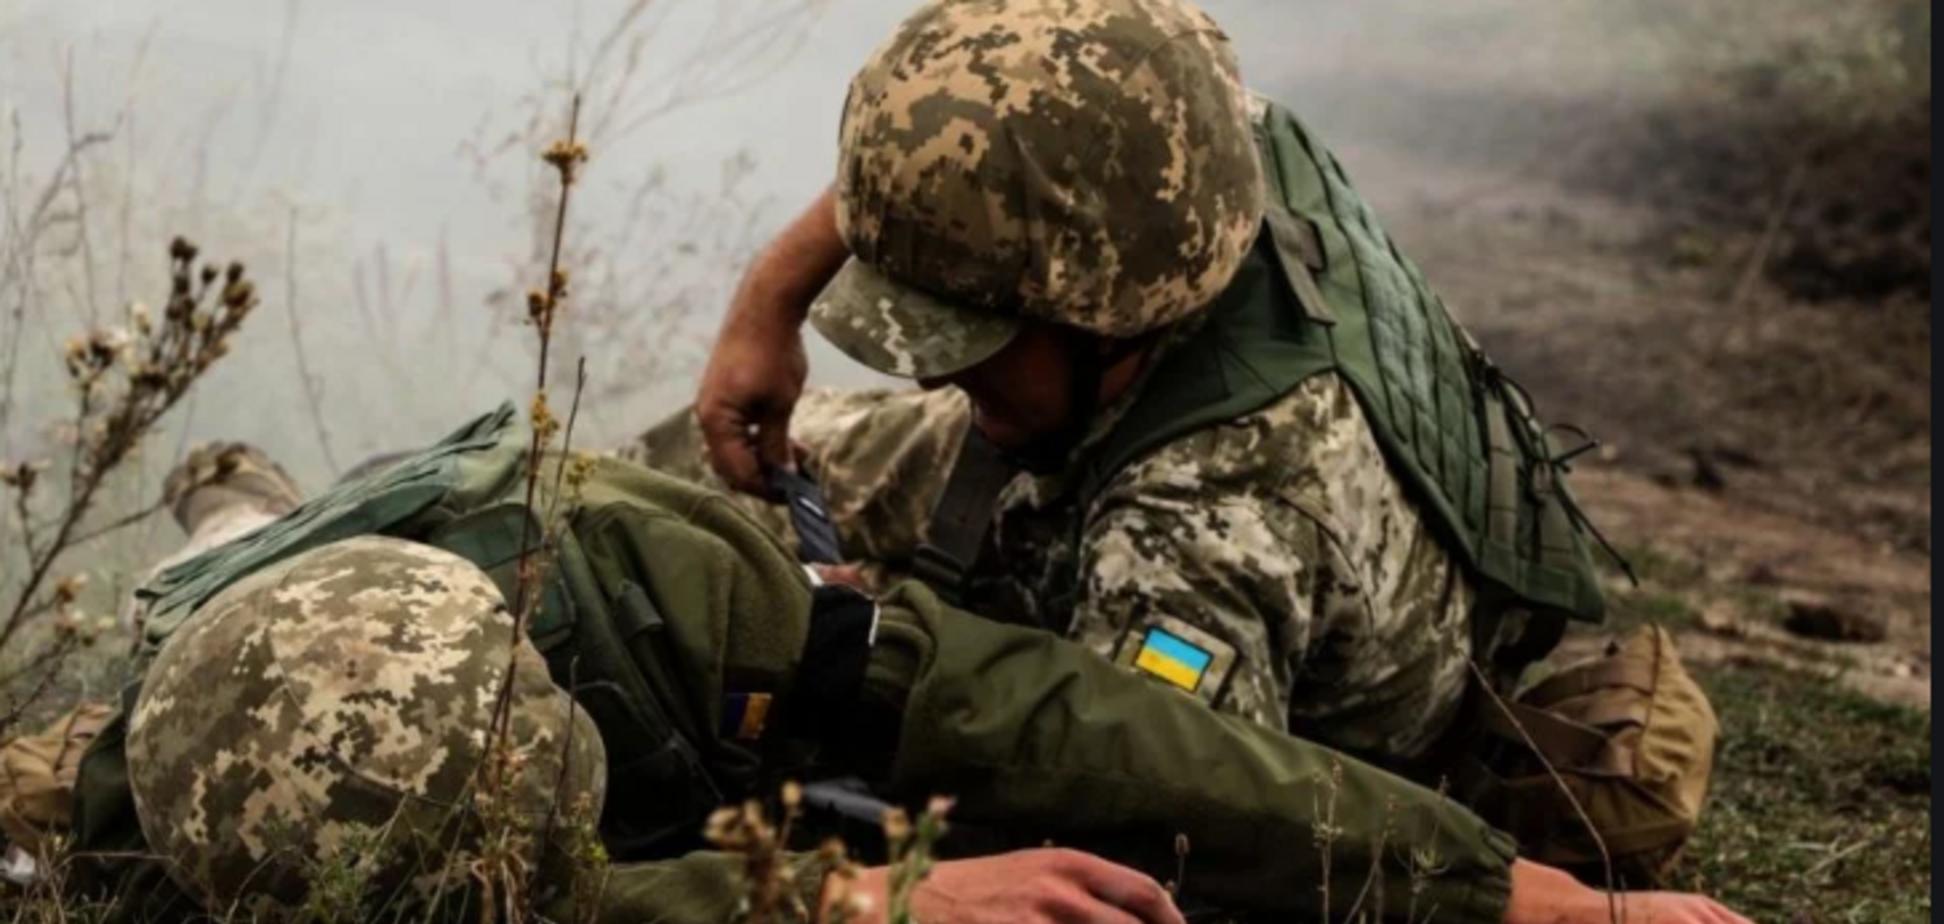 Снайперы России напали на ВСУ: произошла трагедия